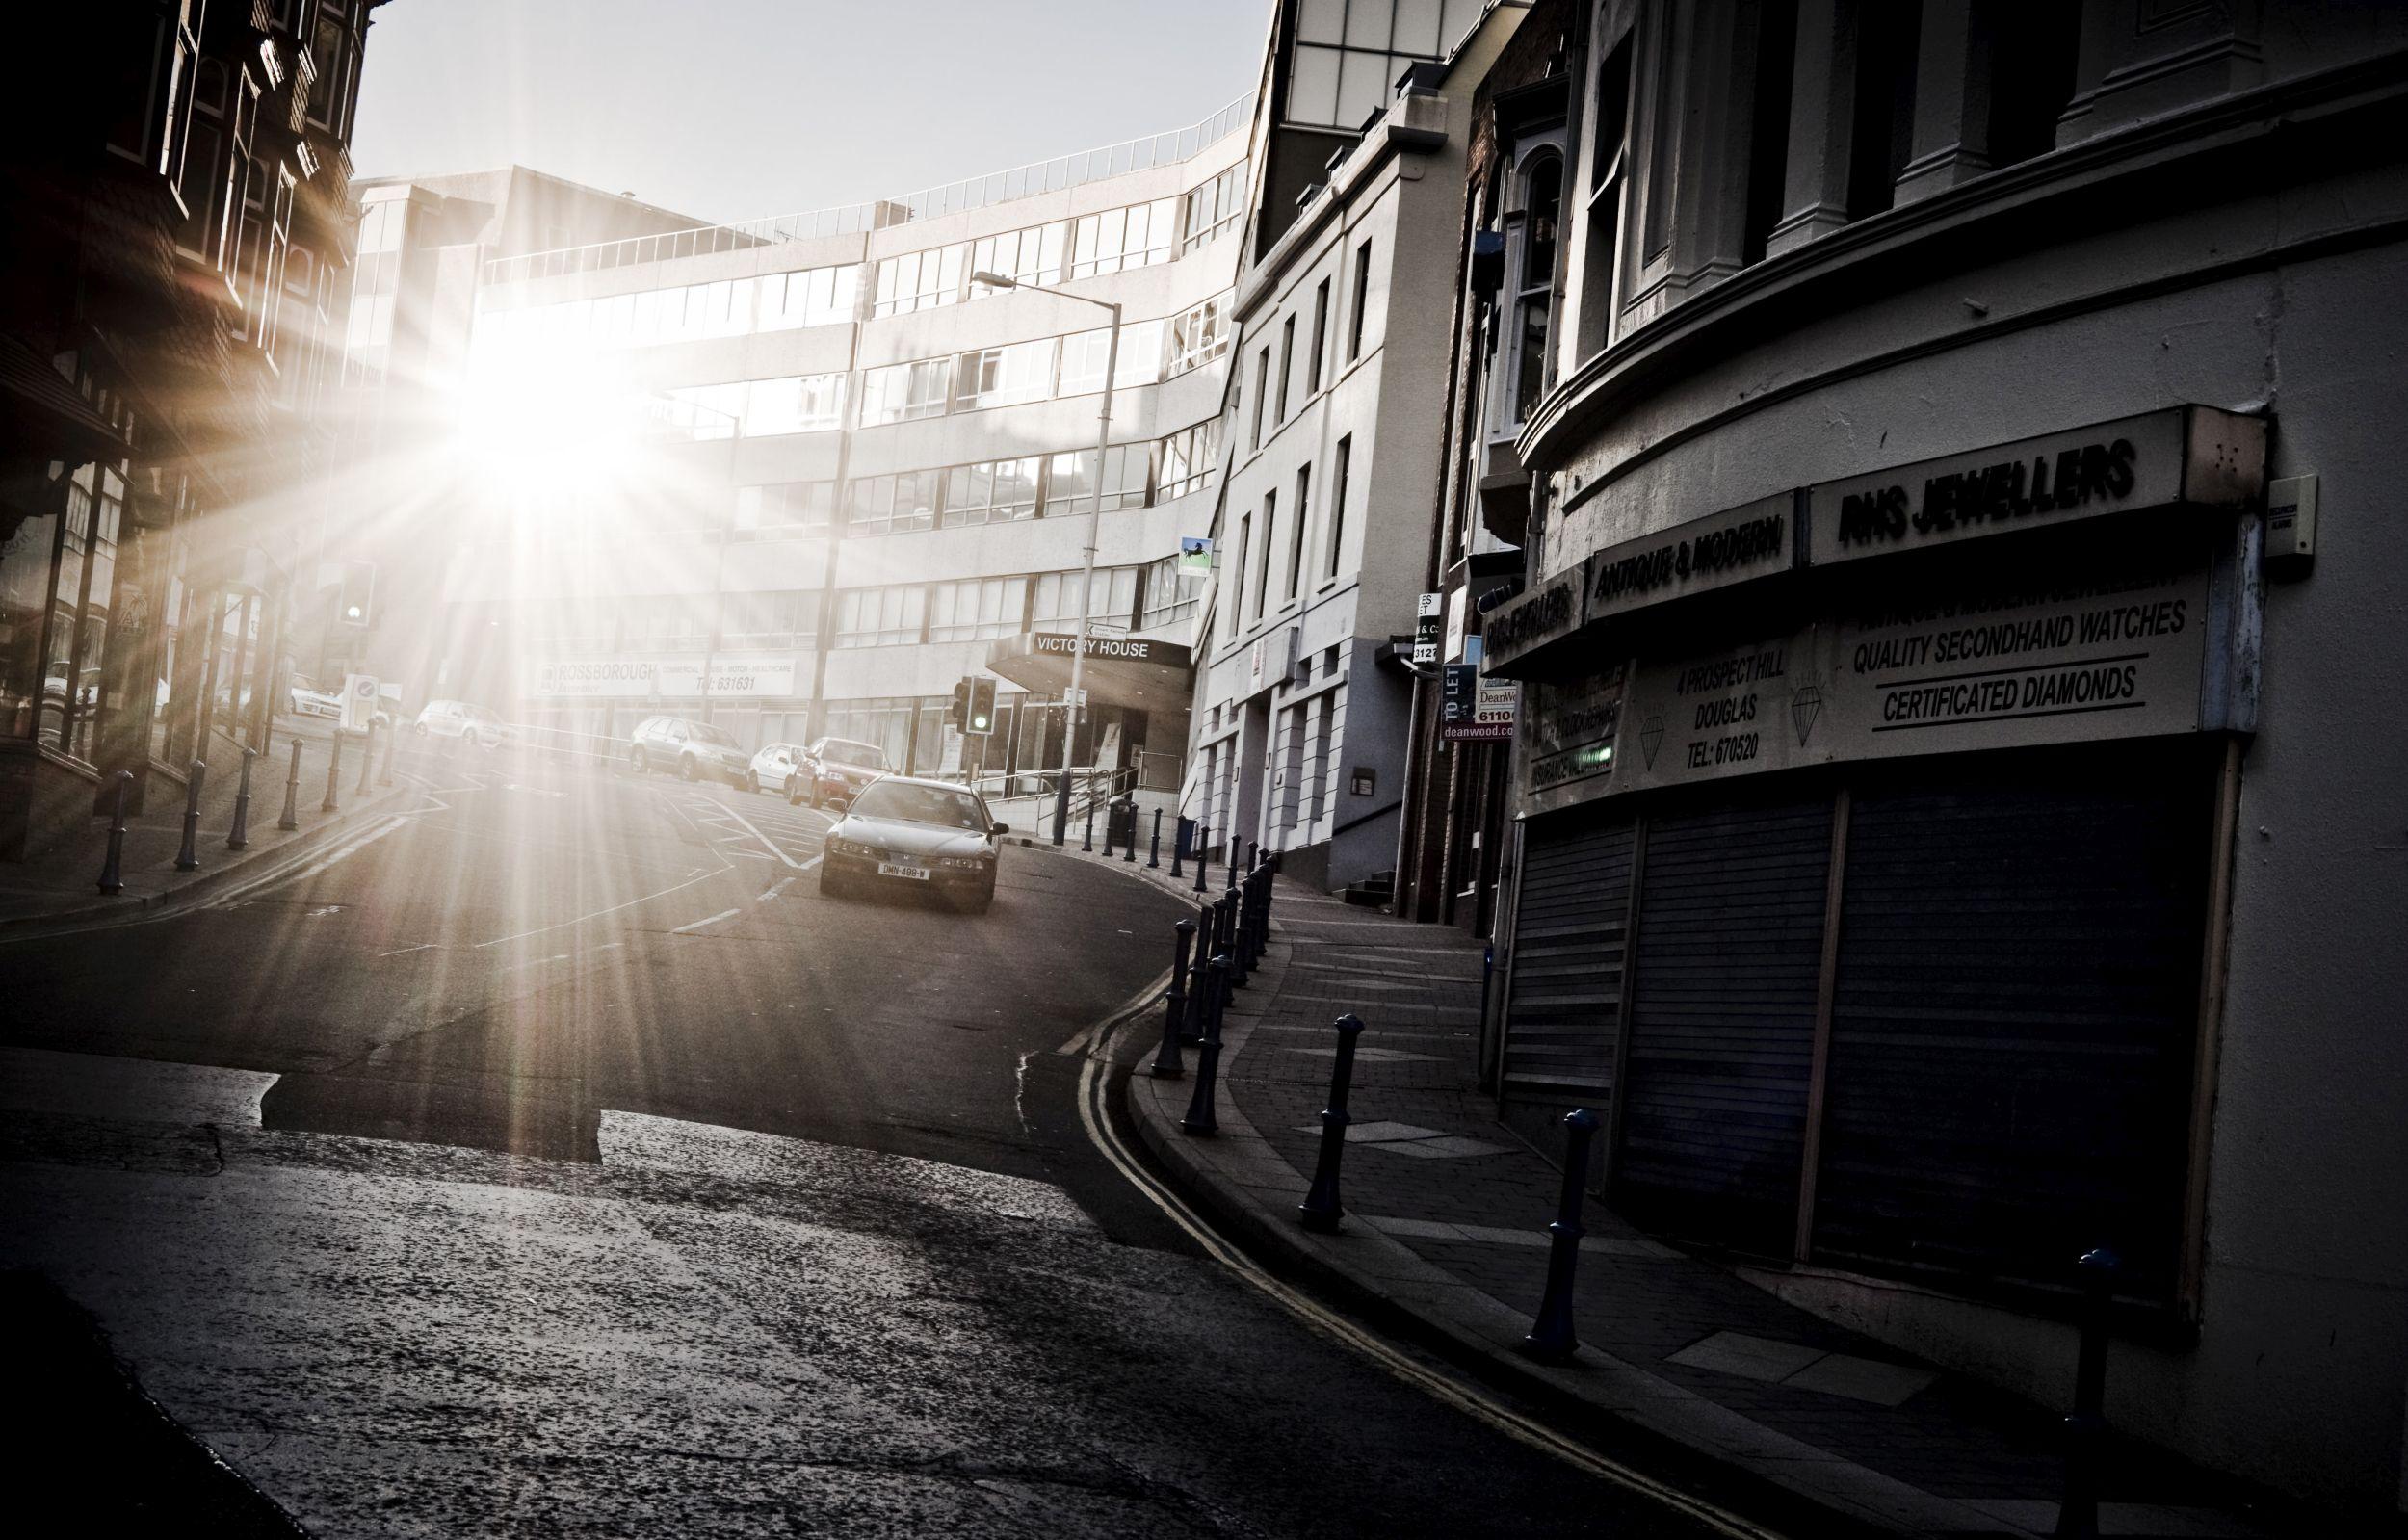 Ulica w mieście (fot. Maciej Mosur)